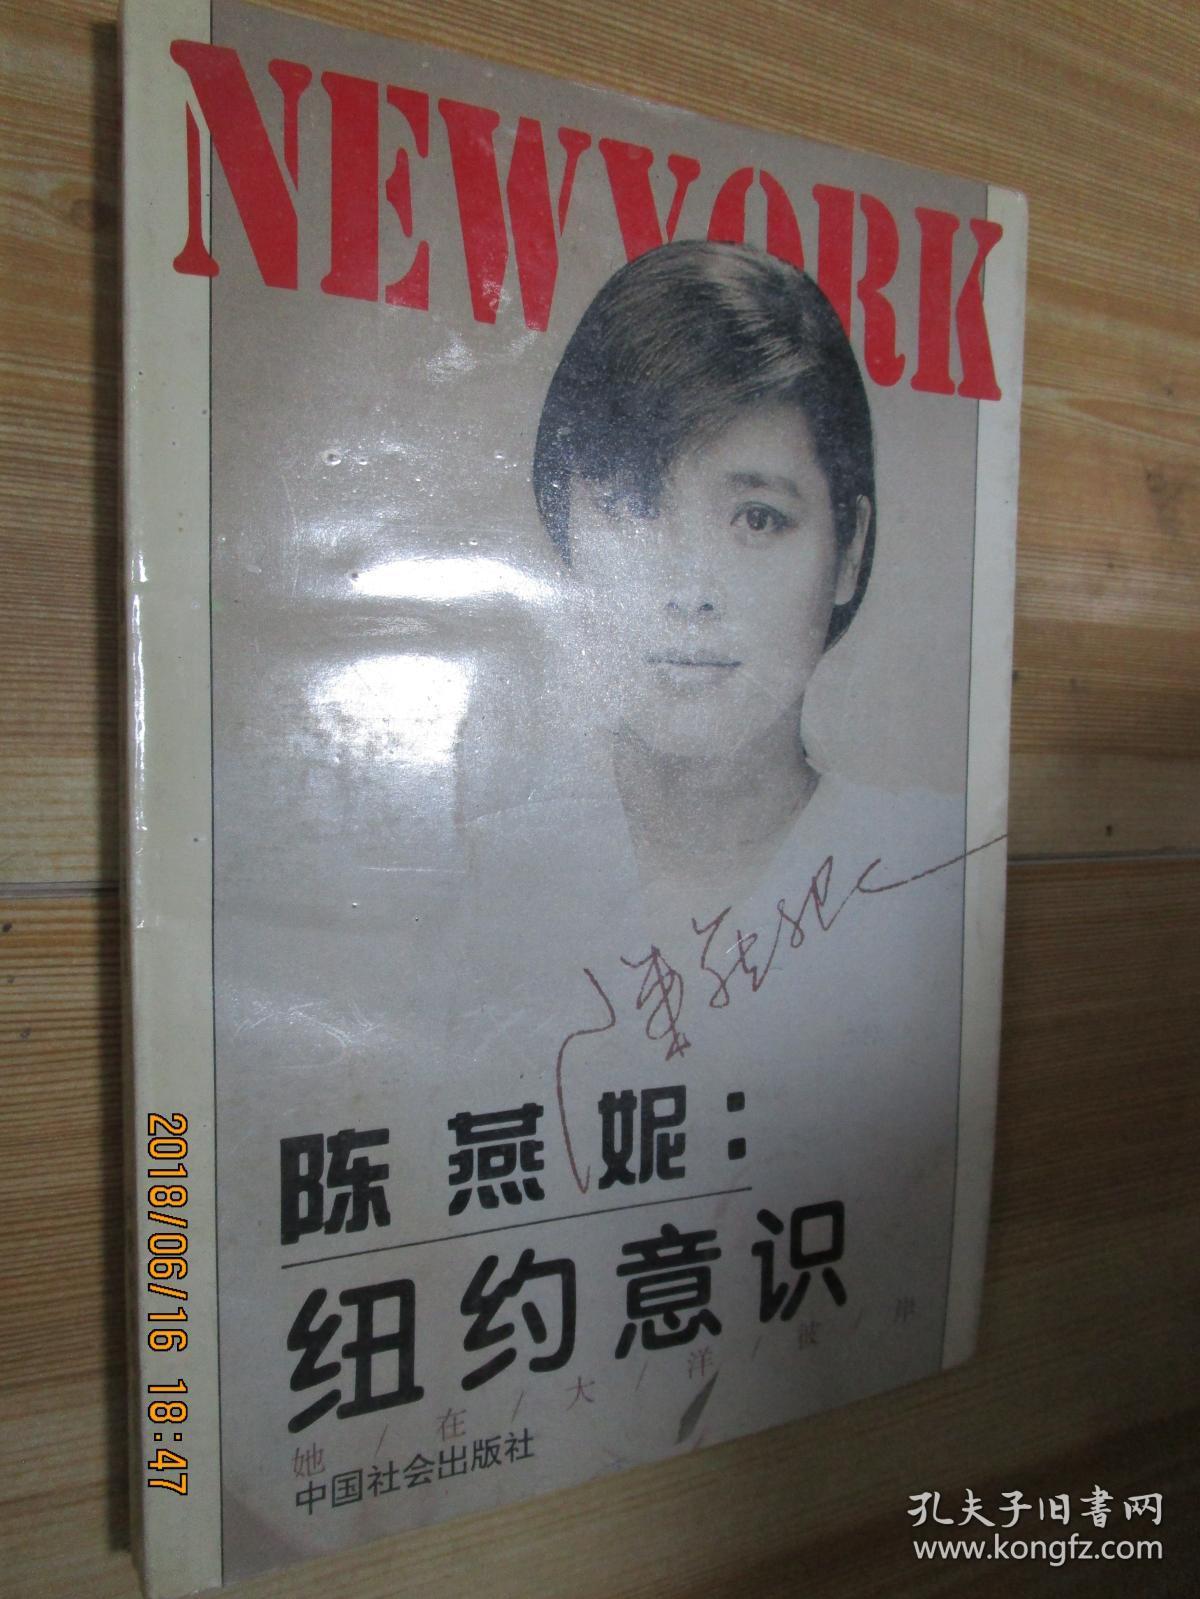 陈燕妮:纽约意识.她在大洋彼岸